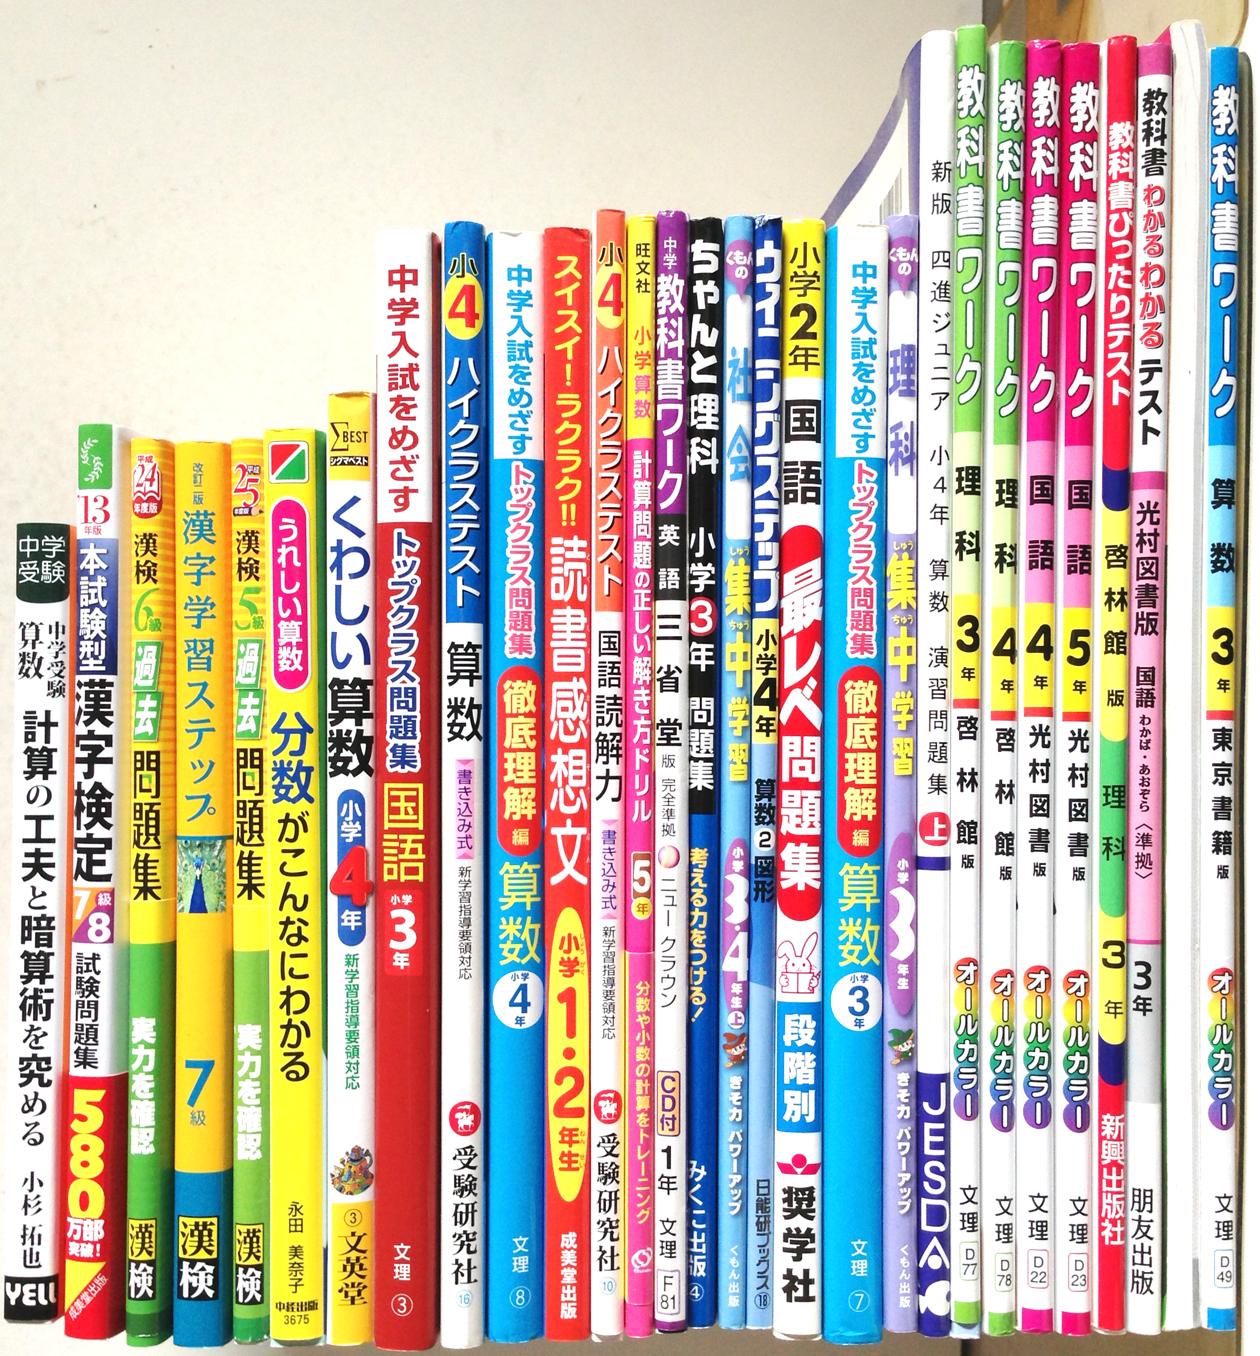 小学生向け学習参考書、テキスト、平成25年度版漢字検定問題集など買取!